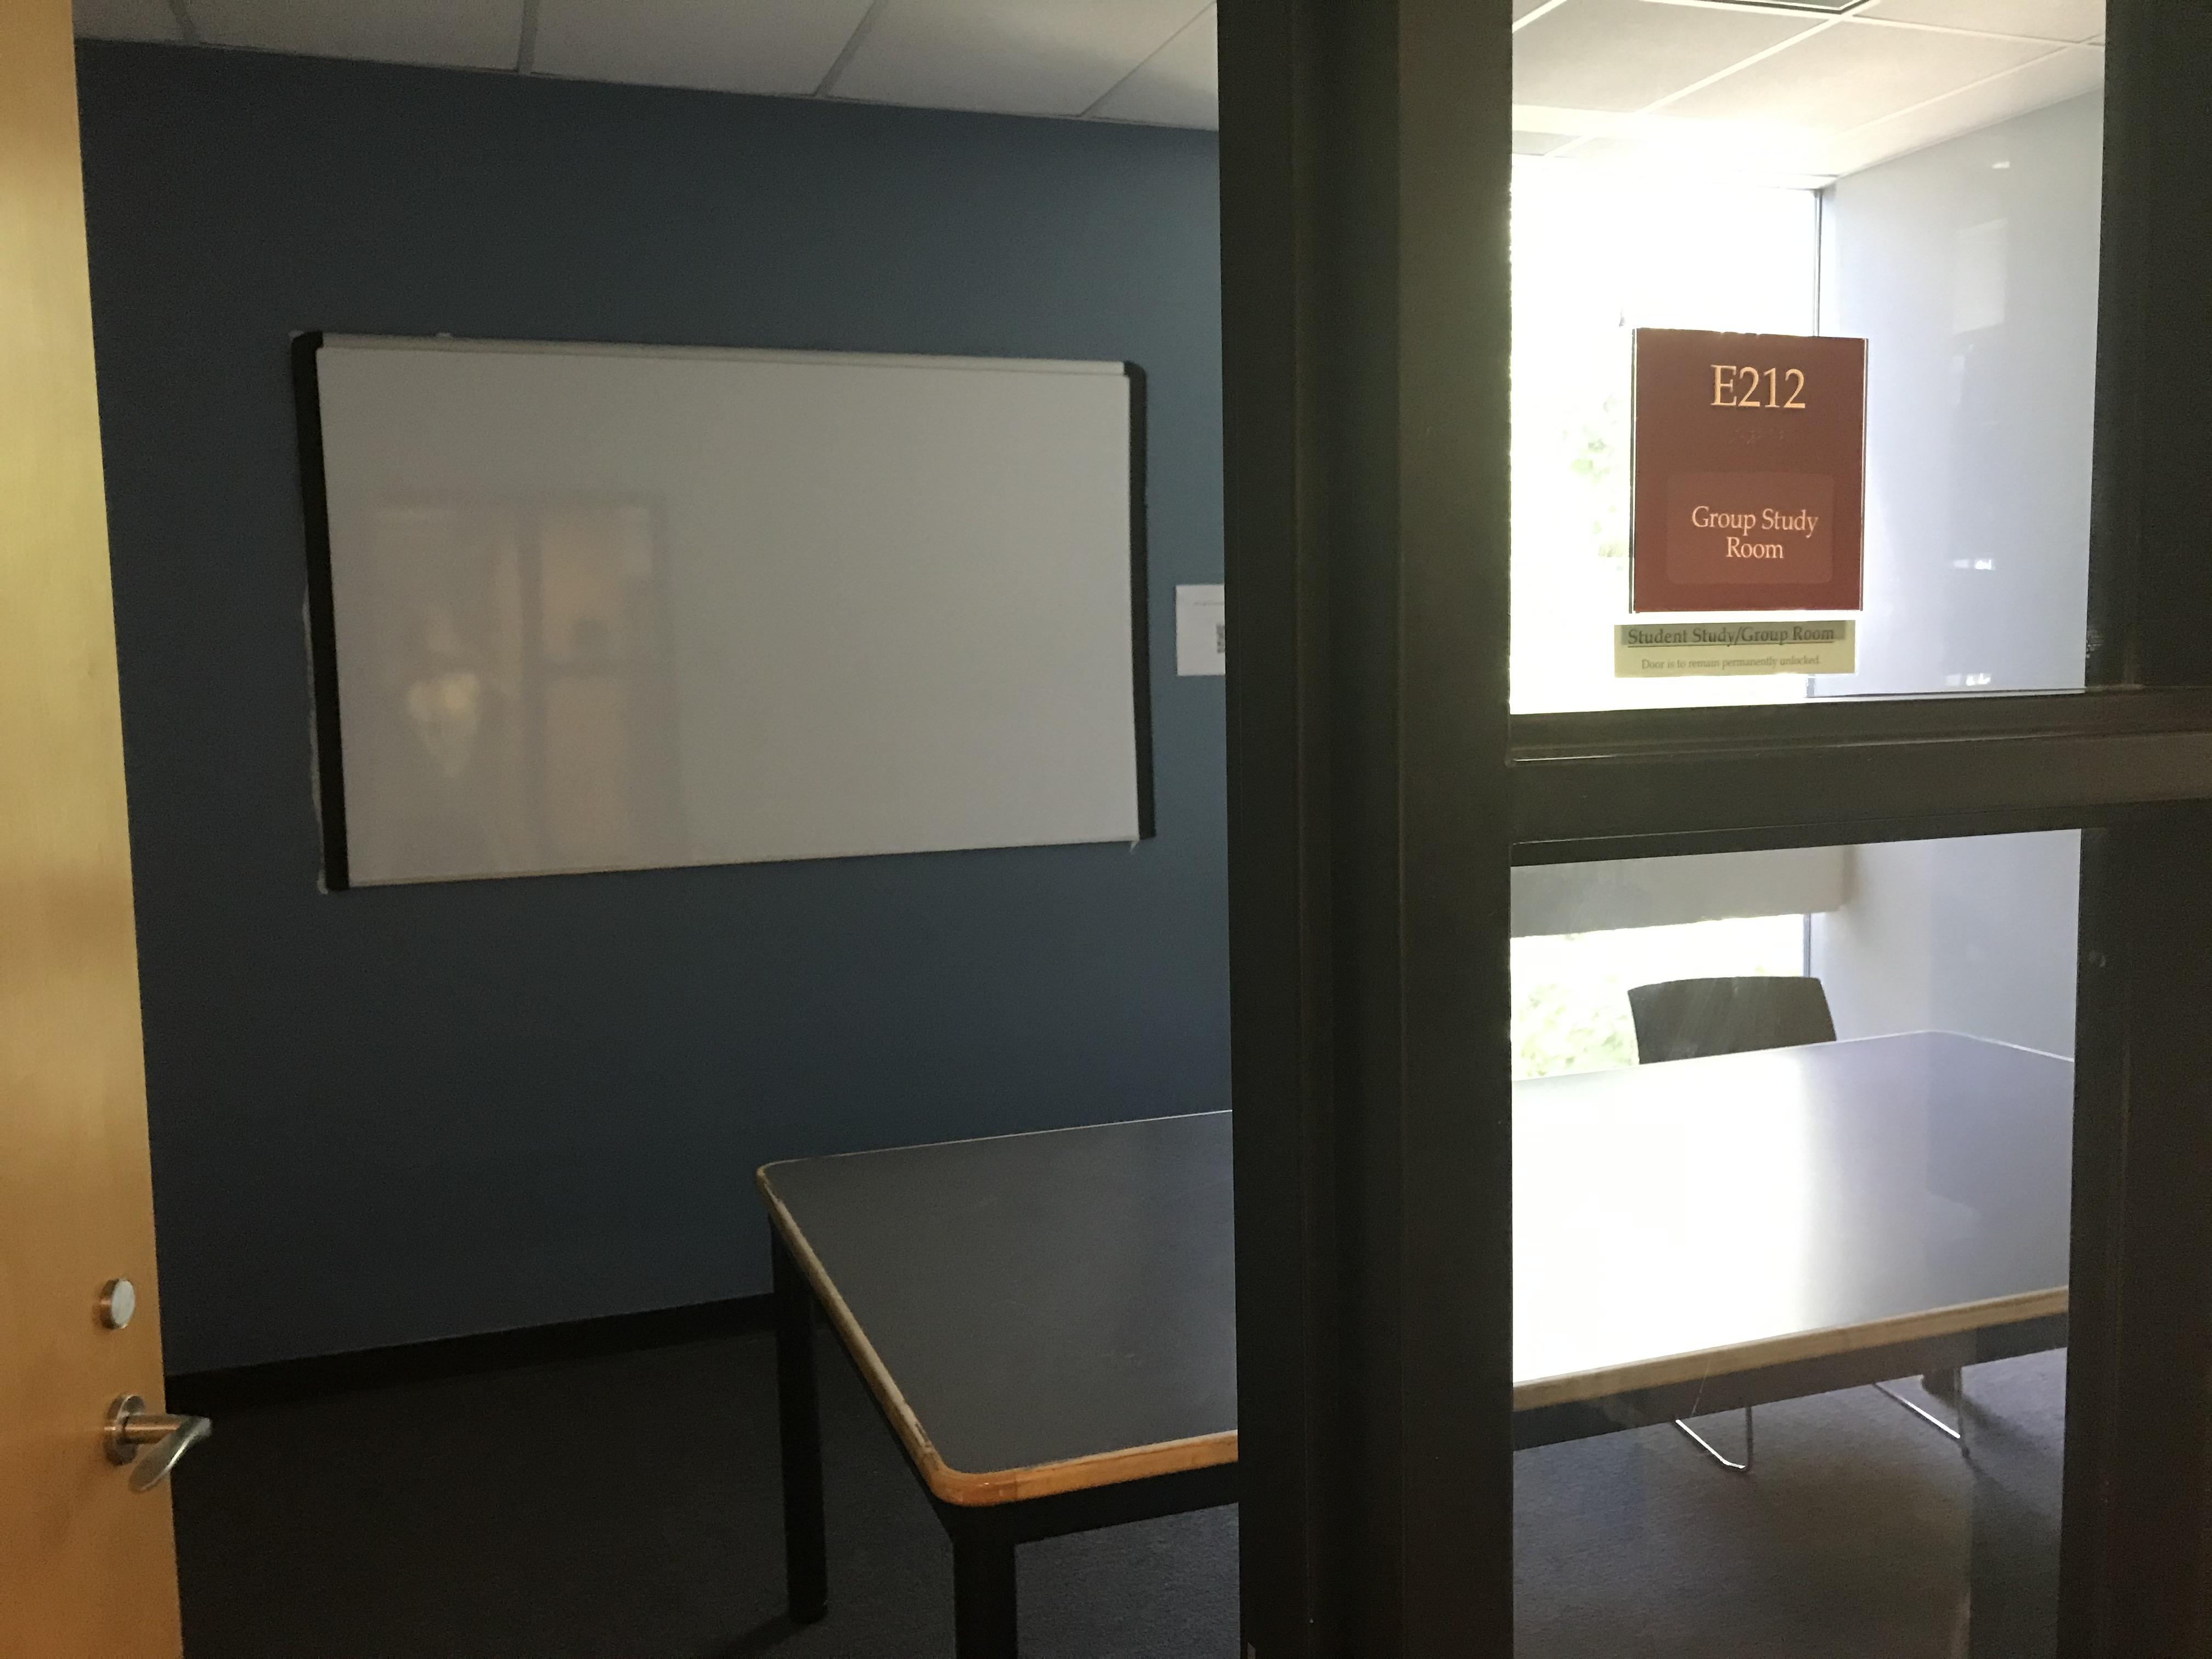 study room E-212